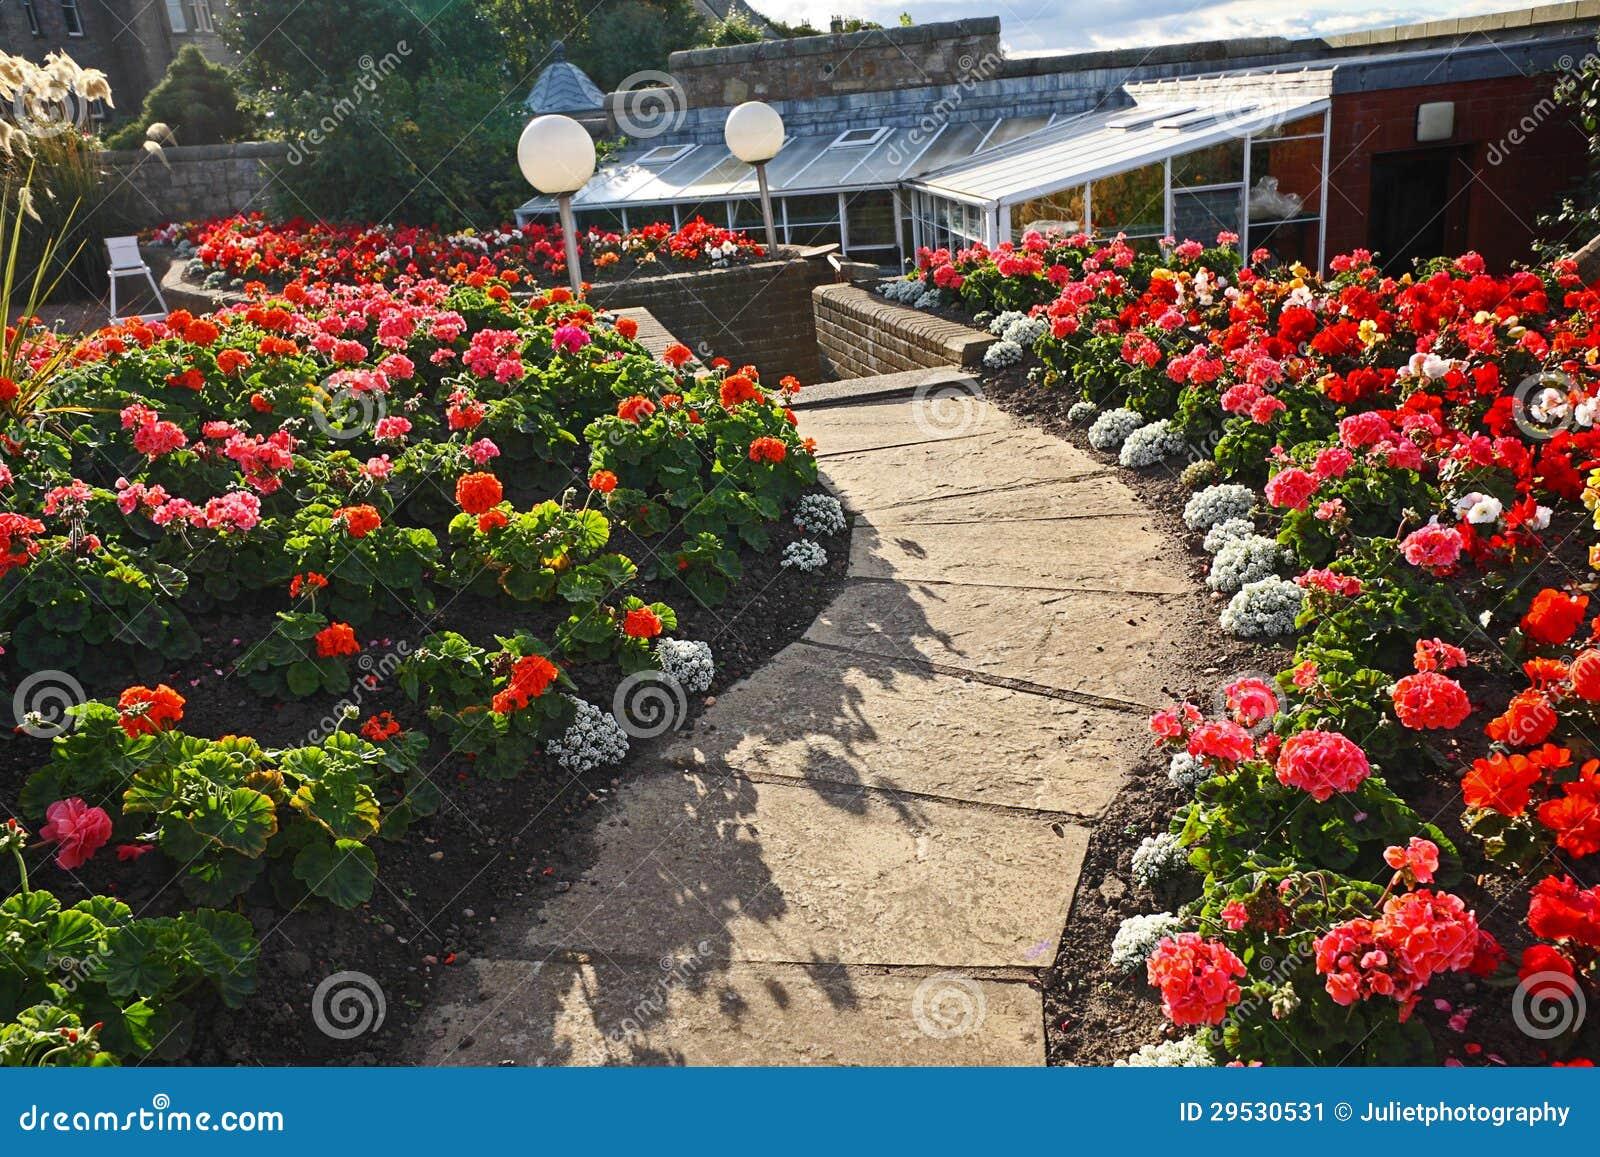 jardim rosas vermelhas:Jardim Bonito Com As Flores Vermelhas Do Gerânio Imagem de Stock